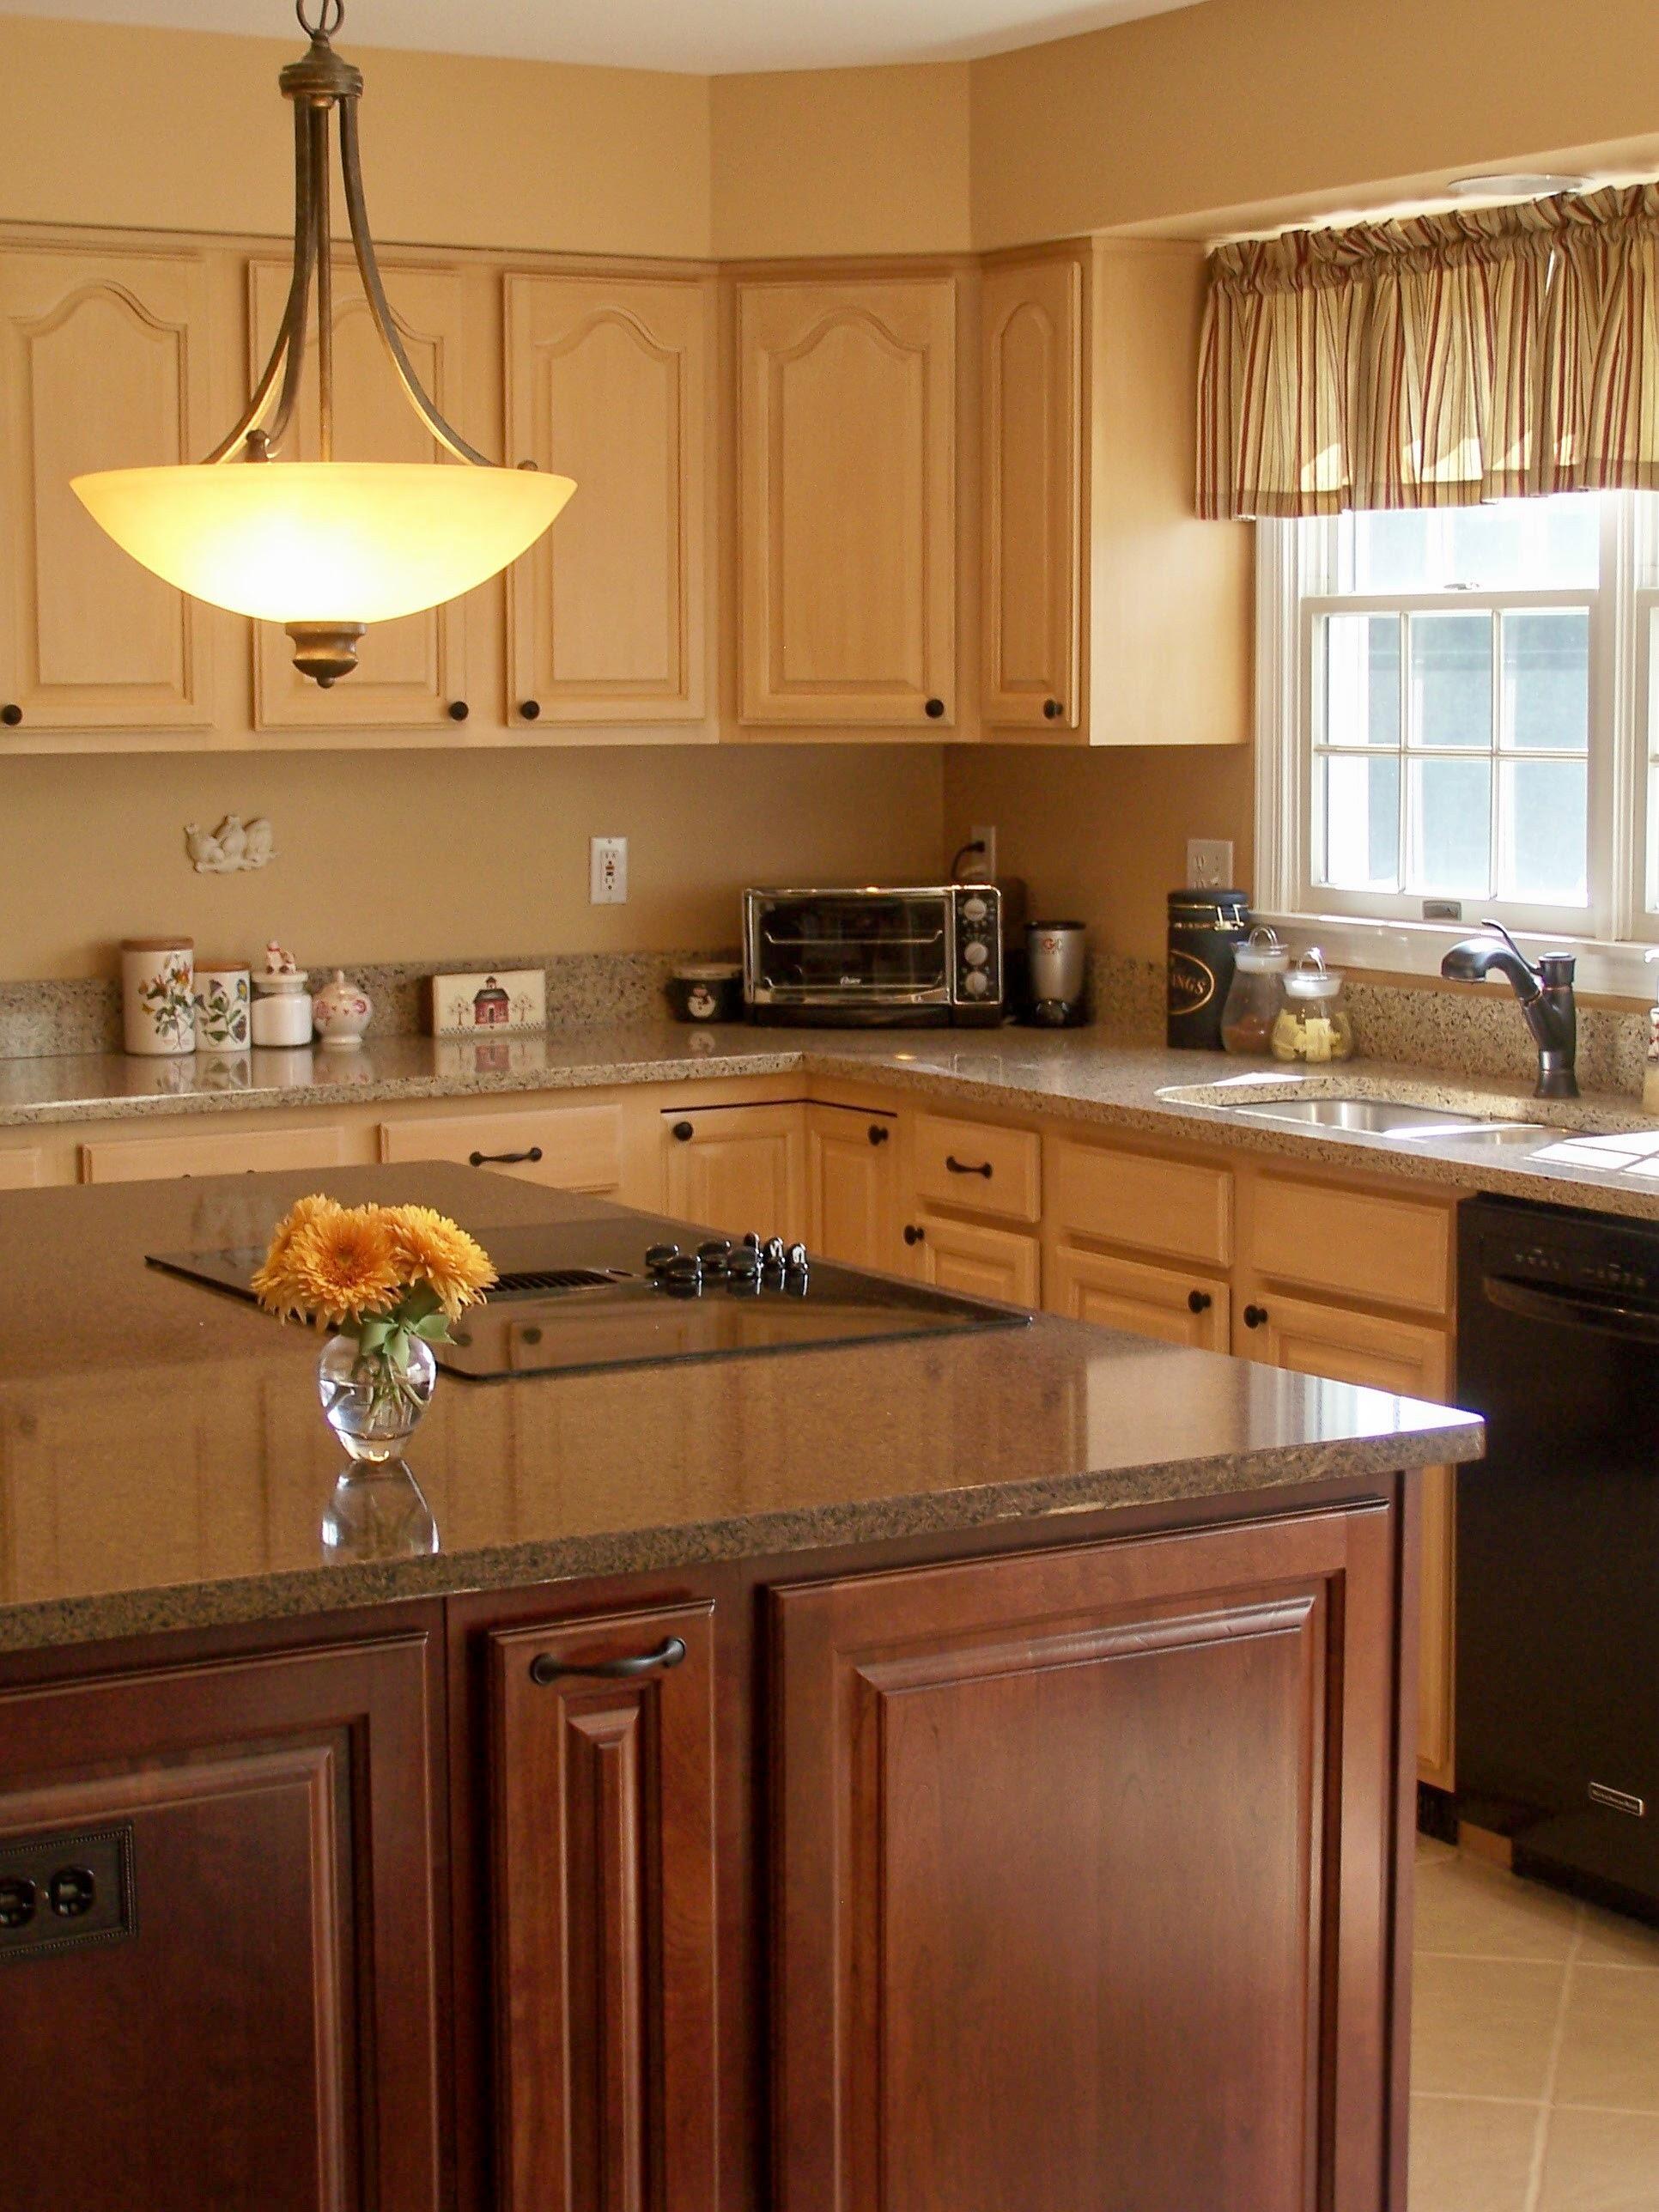 25 Most Popular Kitchen Layout Design Ideas Decoration Love